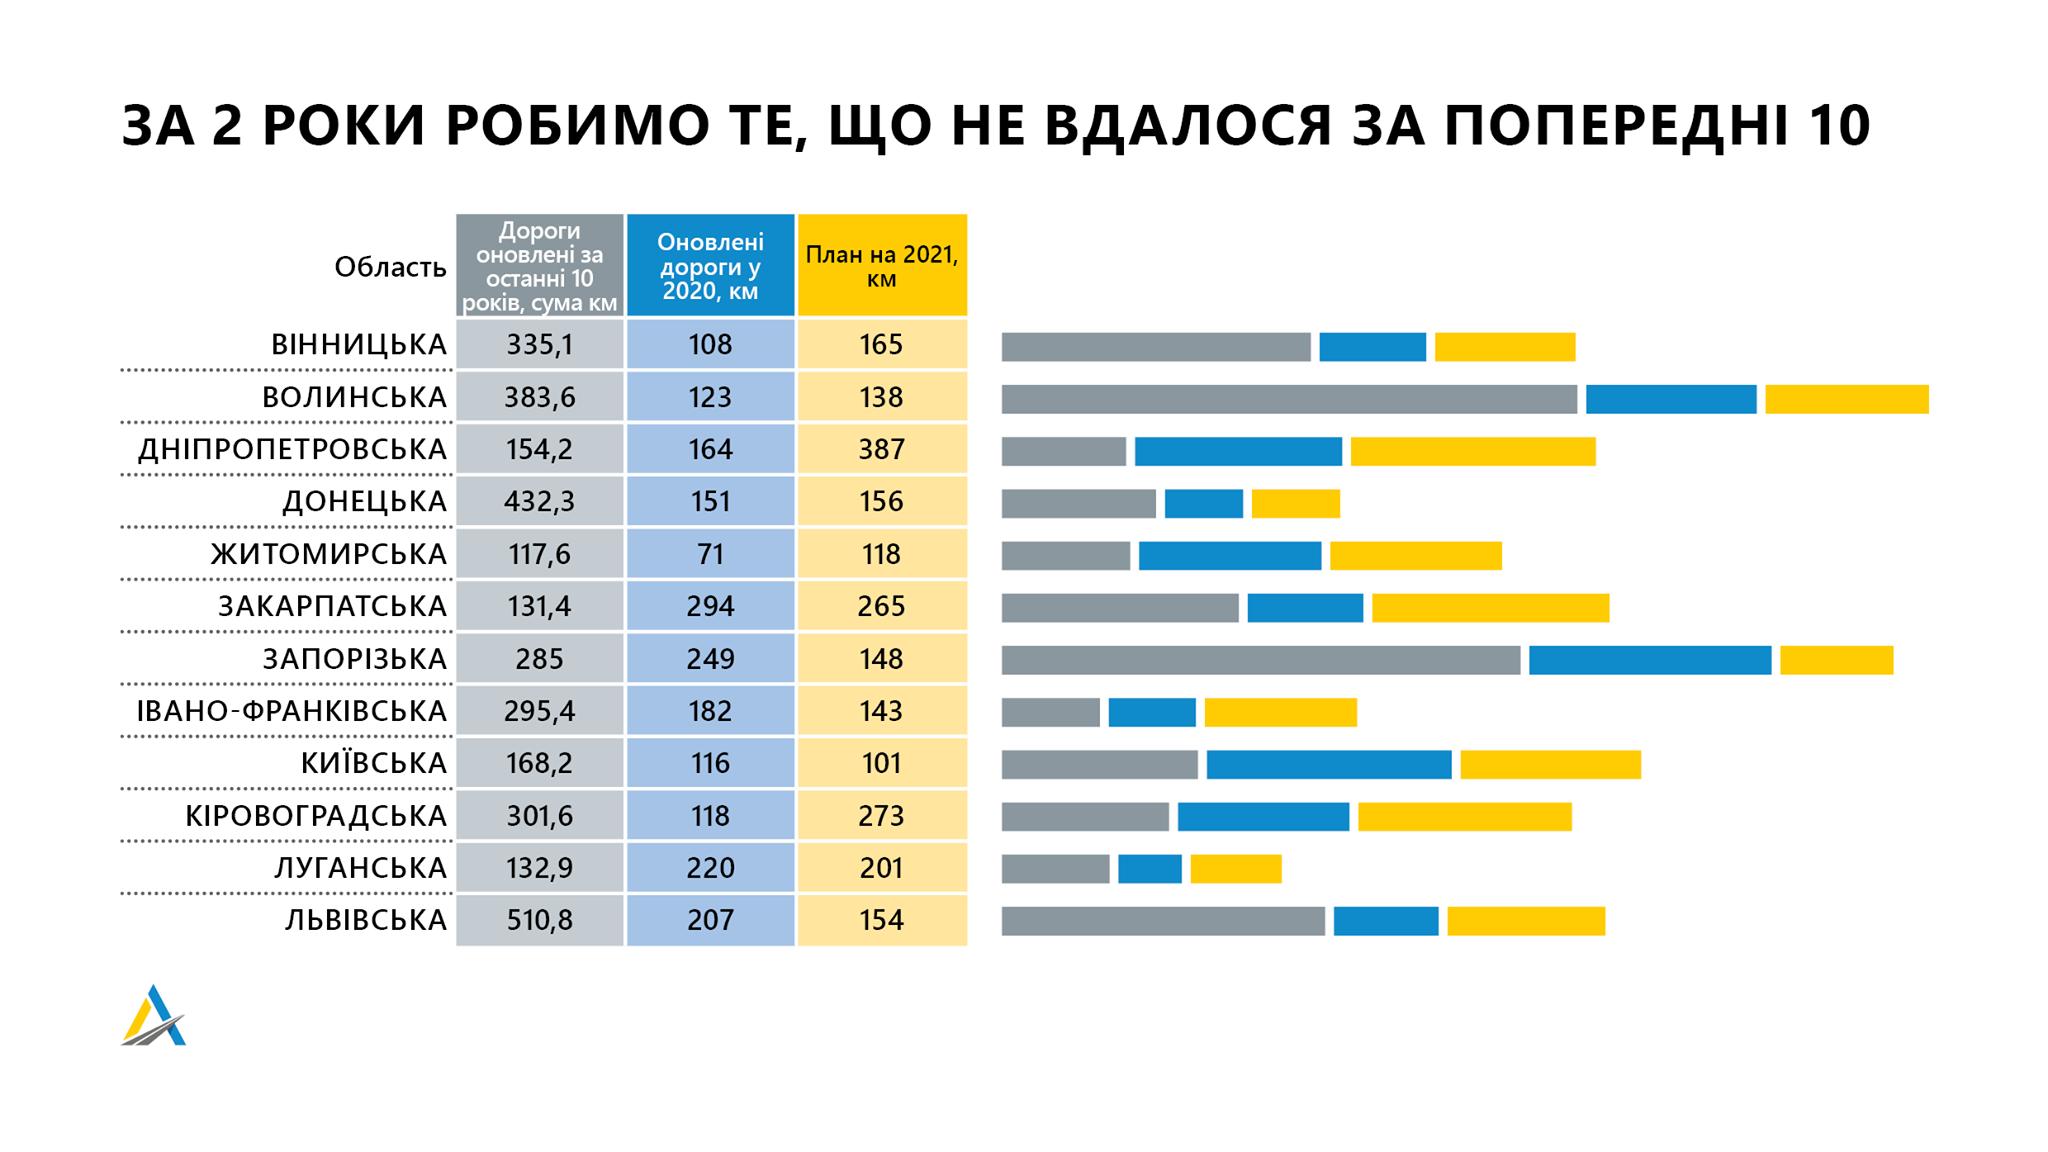 Укравтодор за два года собирается установить рекорд 3